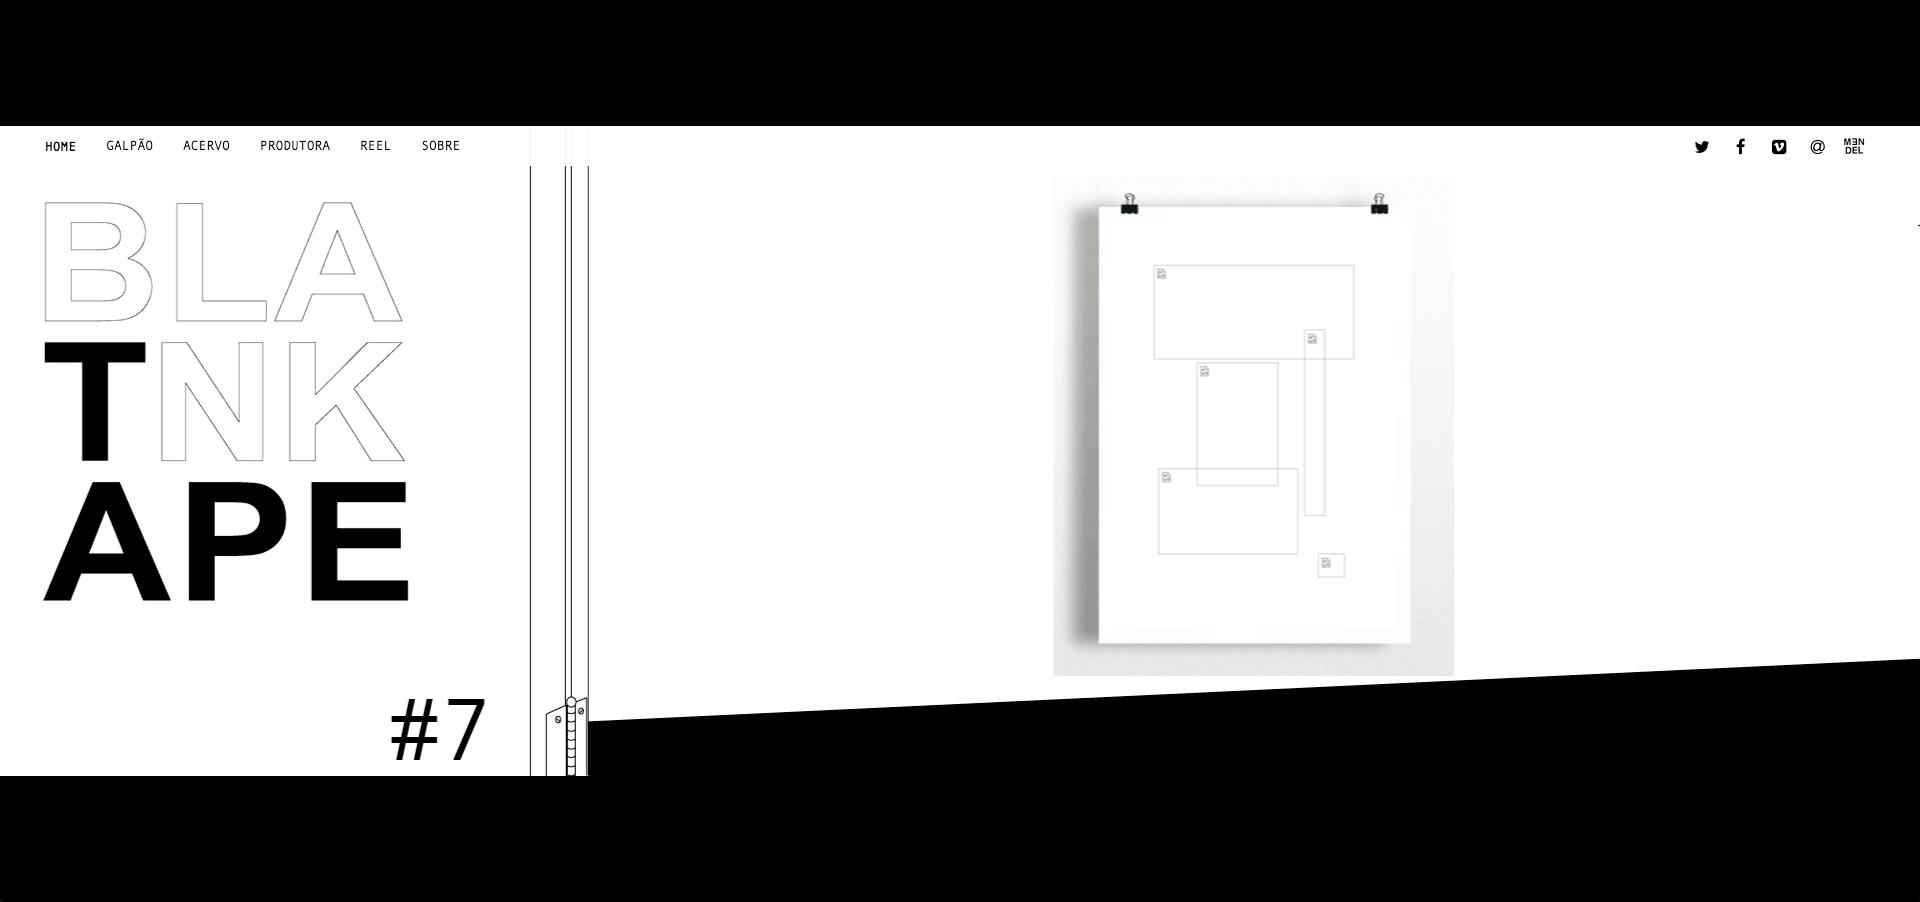 imagem01